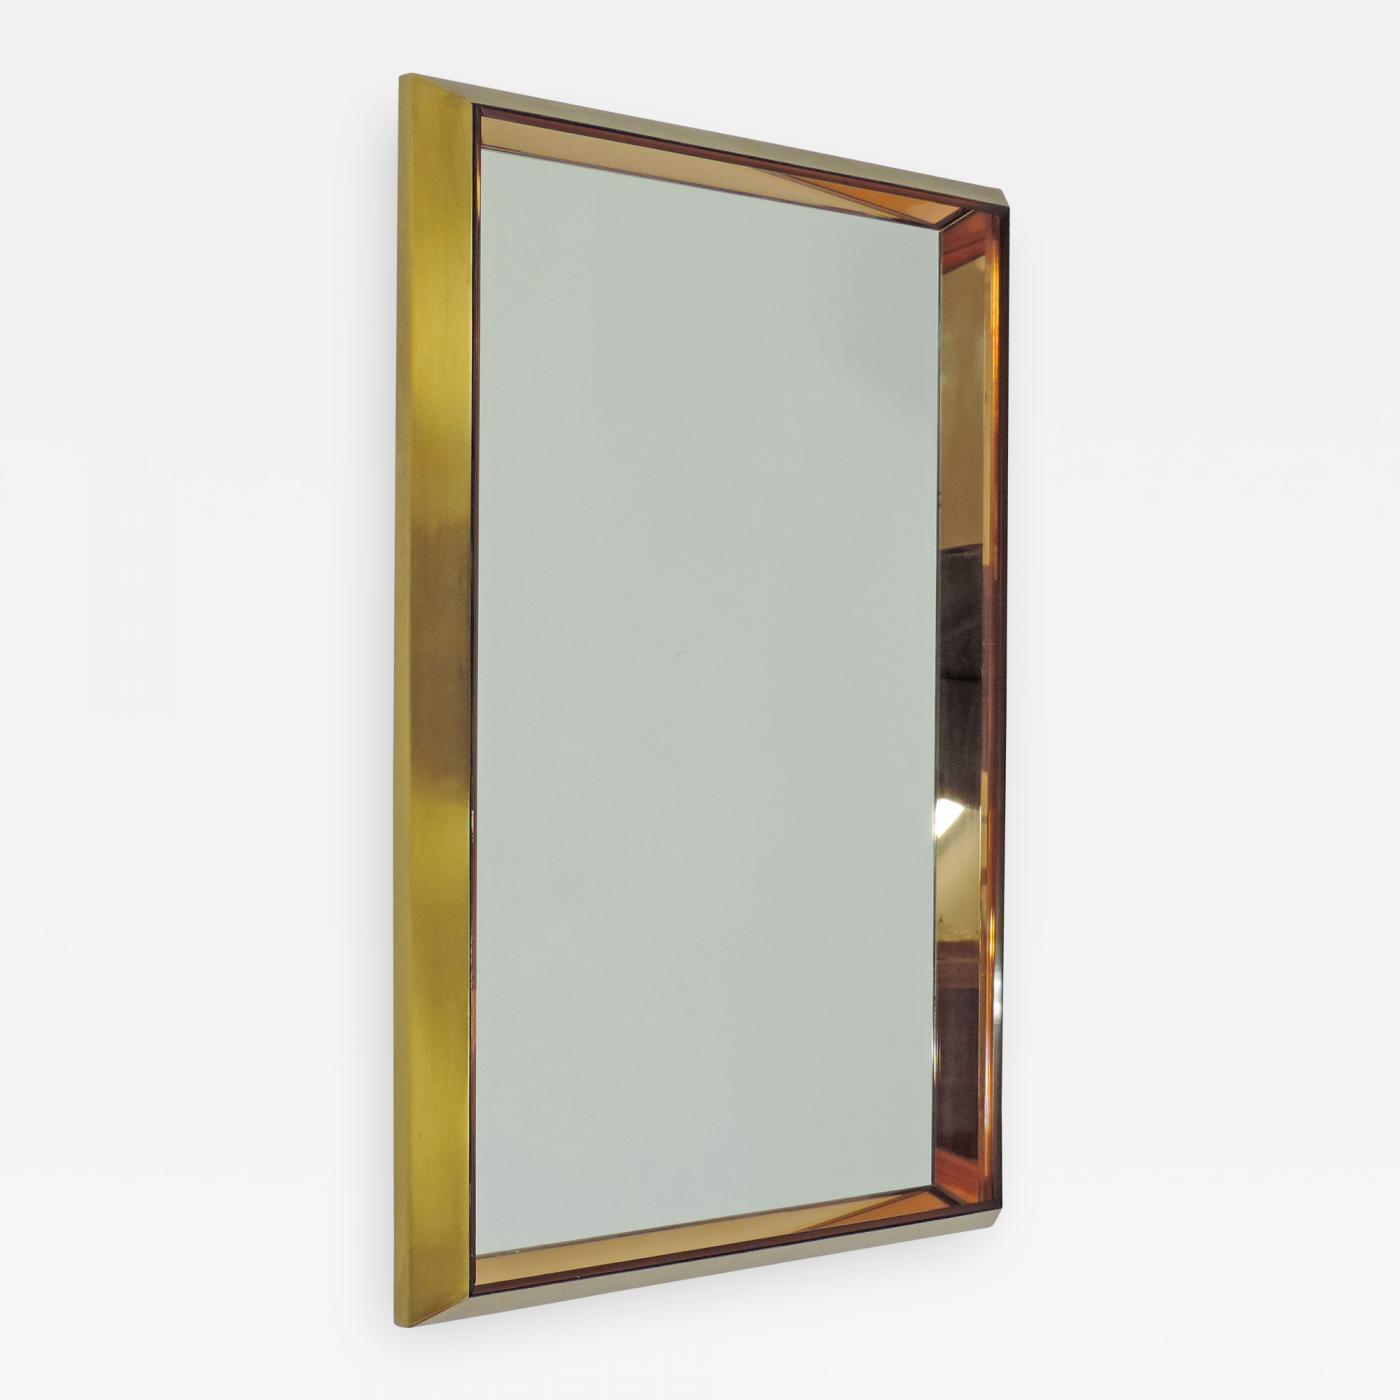 Fontana Arte - Fontana Arte Mod. 2172 wall mirror Italy 1960\'s